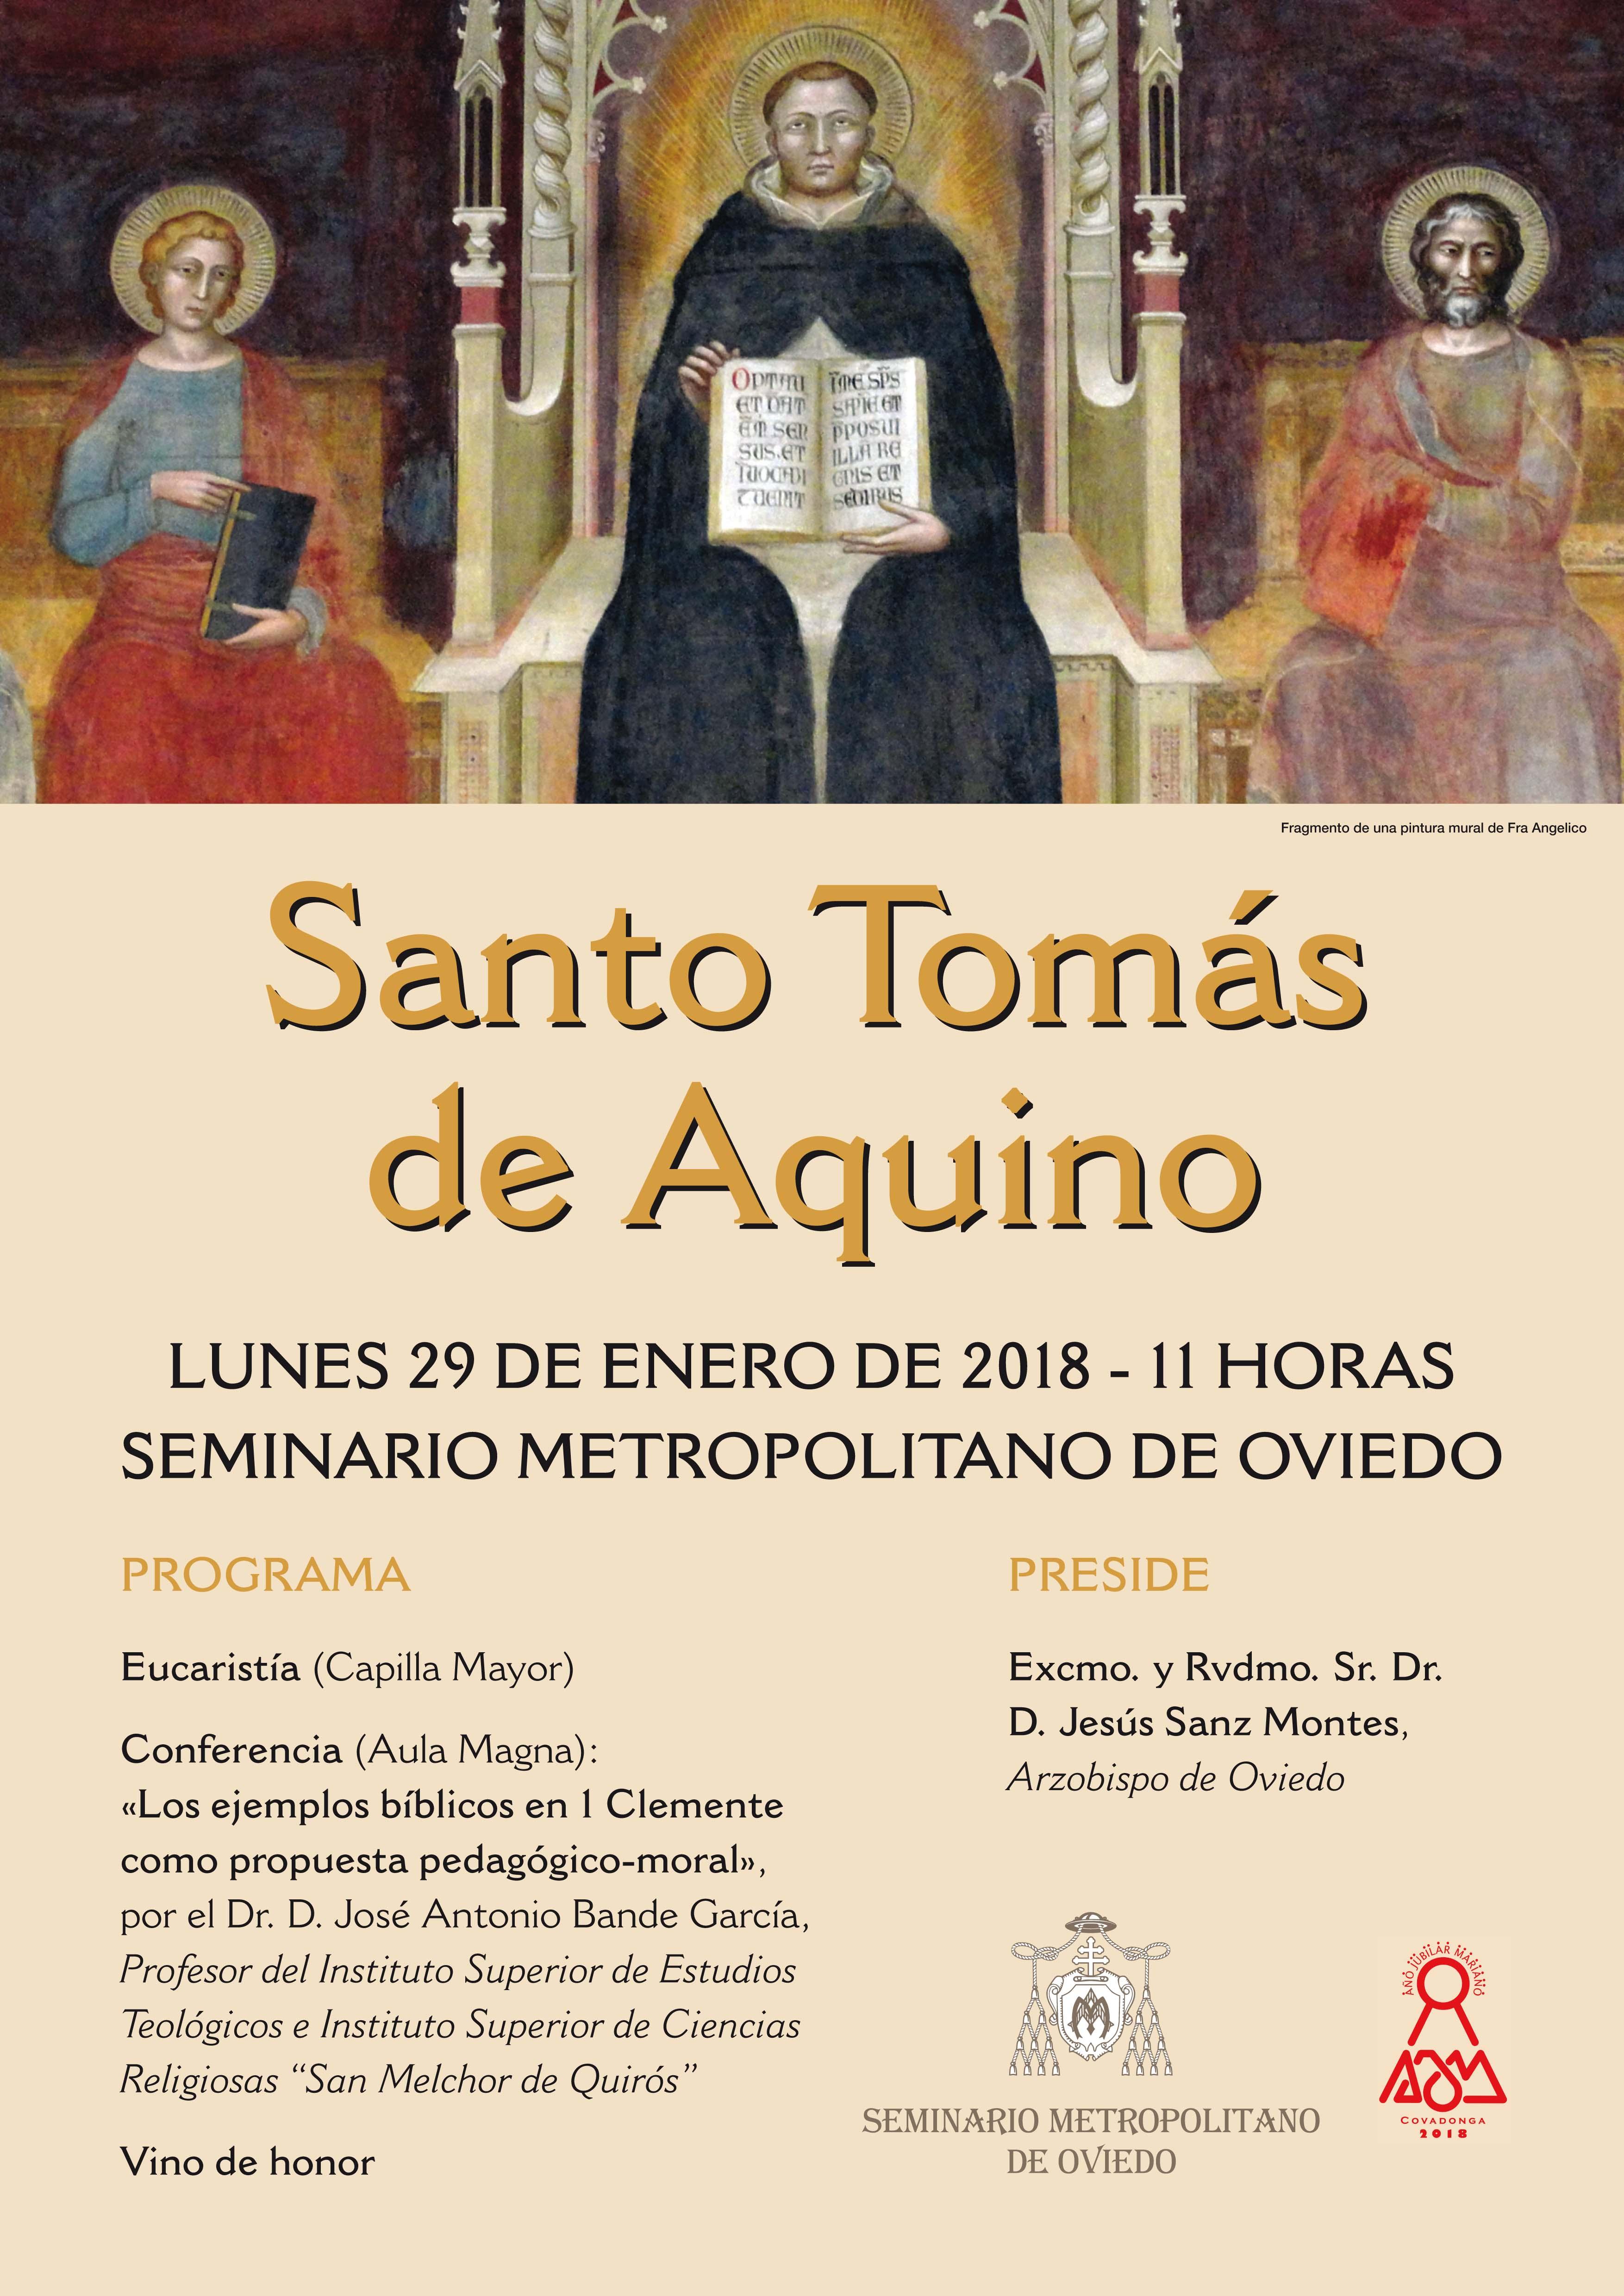 Festividad de Santo Tomás de Aquino 2018